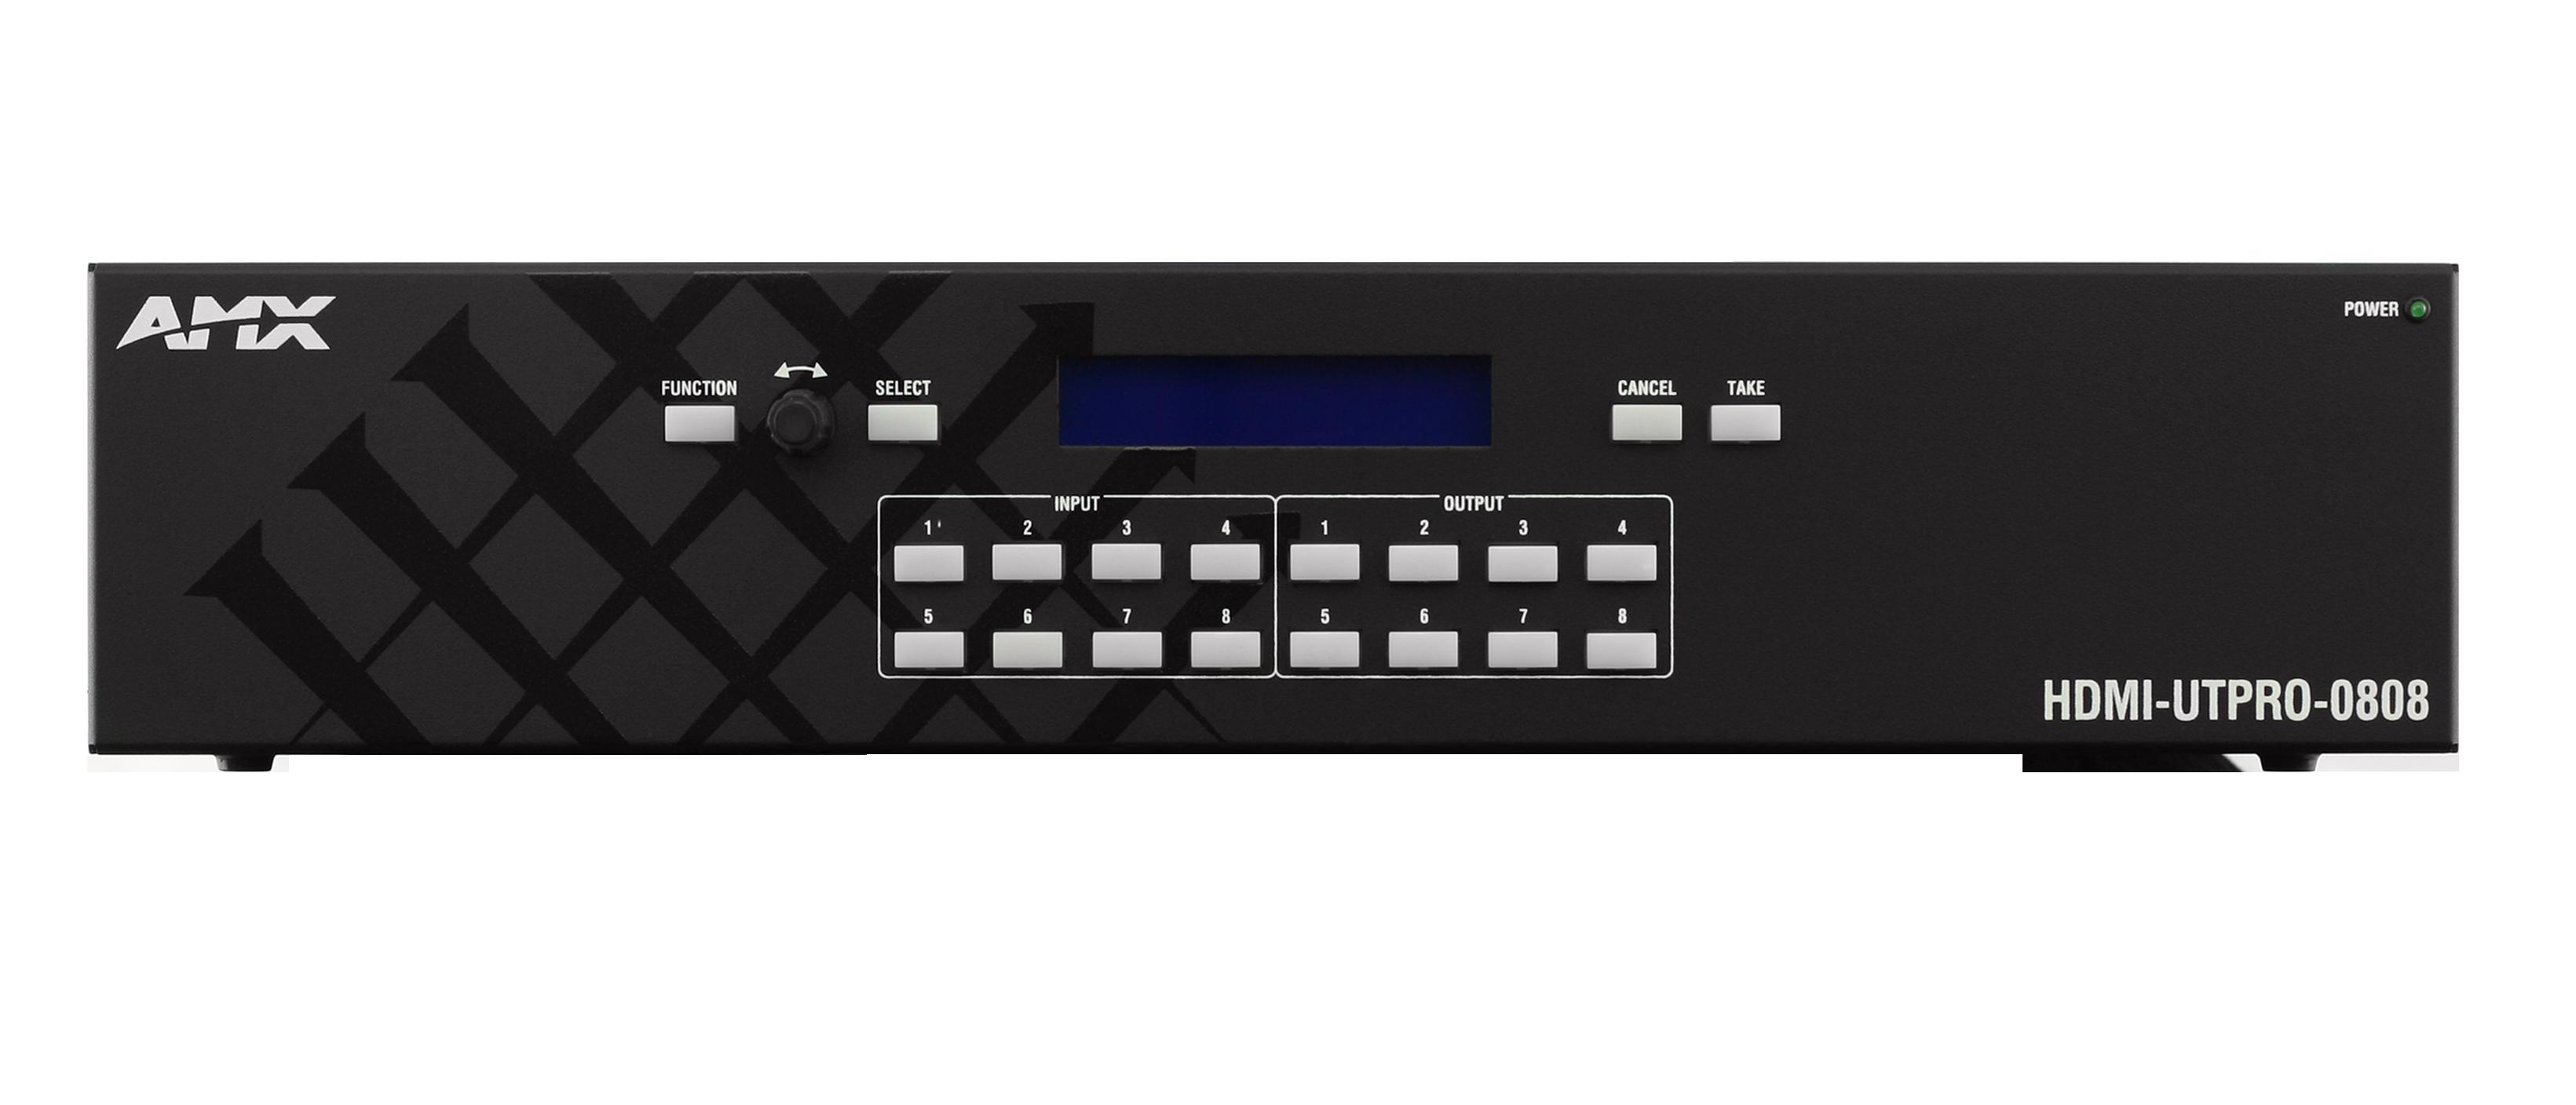 HDMI-UTPRO-0808 Front